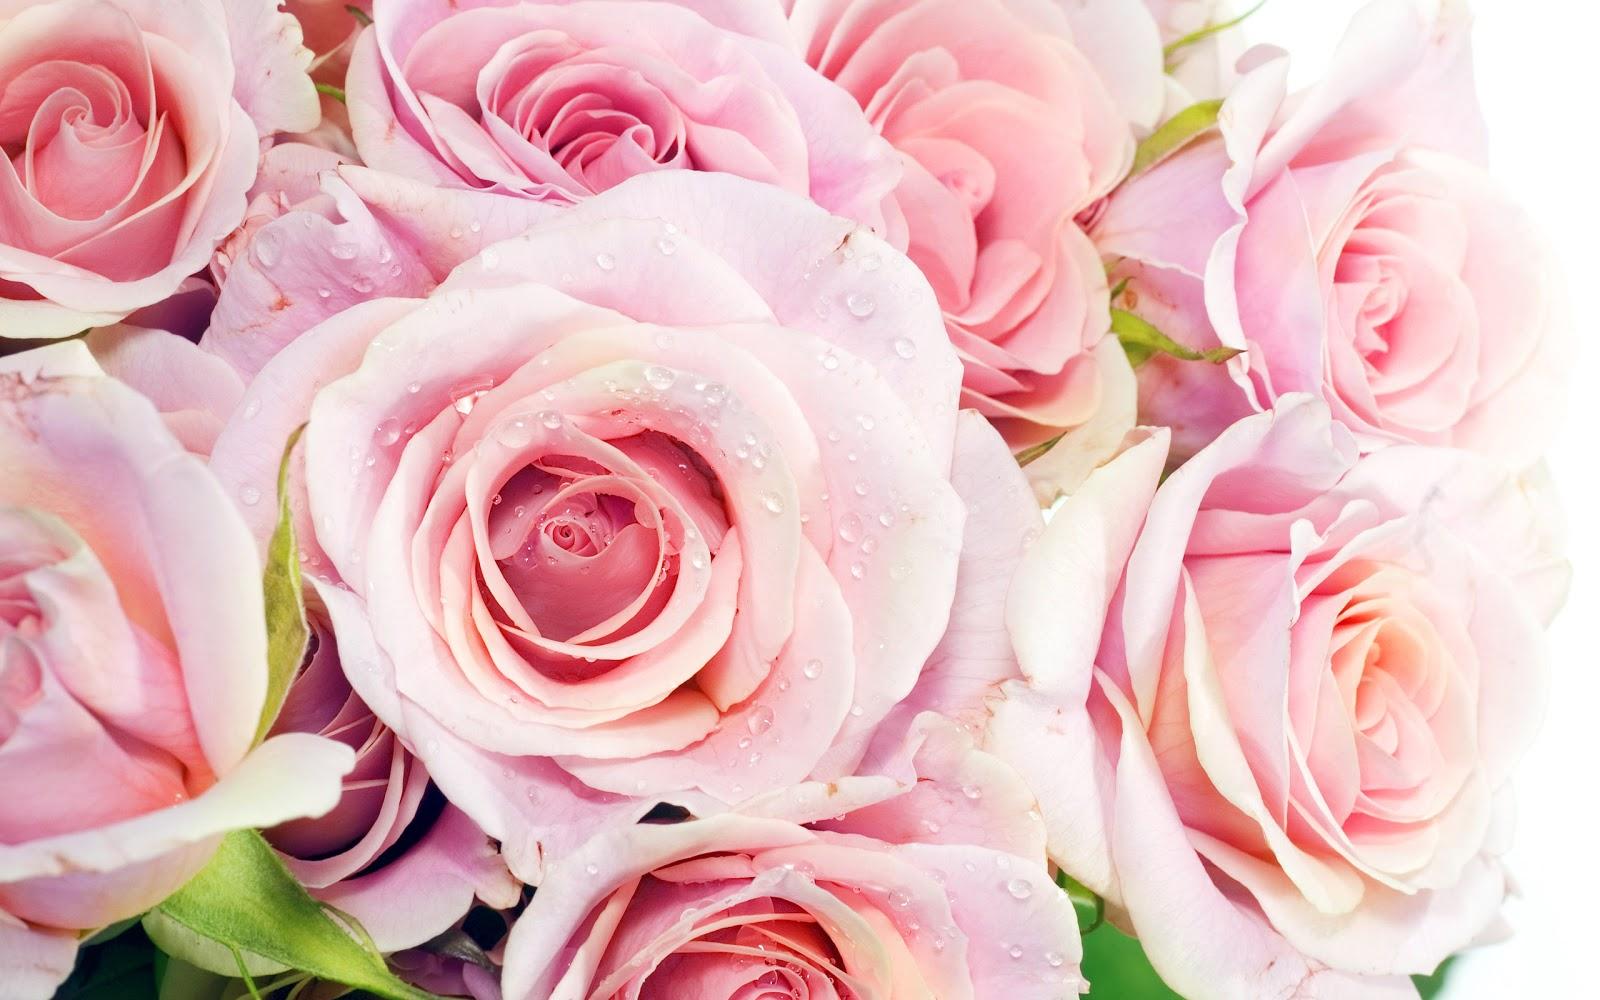 http://3.bp.blogspot.com/-hPRKO6YtGfo/UJzTgEcrVPI/AAAAAAAAA9c/Gd7Vpzlzd44/s1600/mh+studio+fort+abbas+mubashir+hassan+rose+03452004005+0632510005+news+pao+paper+tv+pic+pakistan+(19).jpg